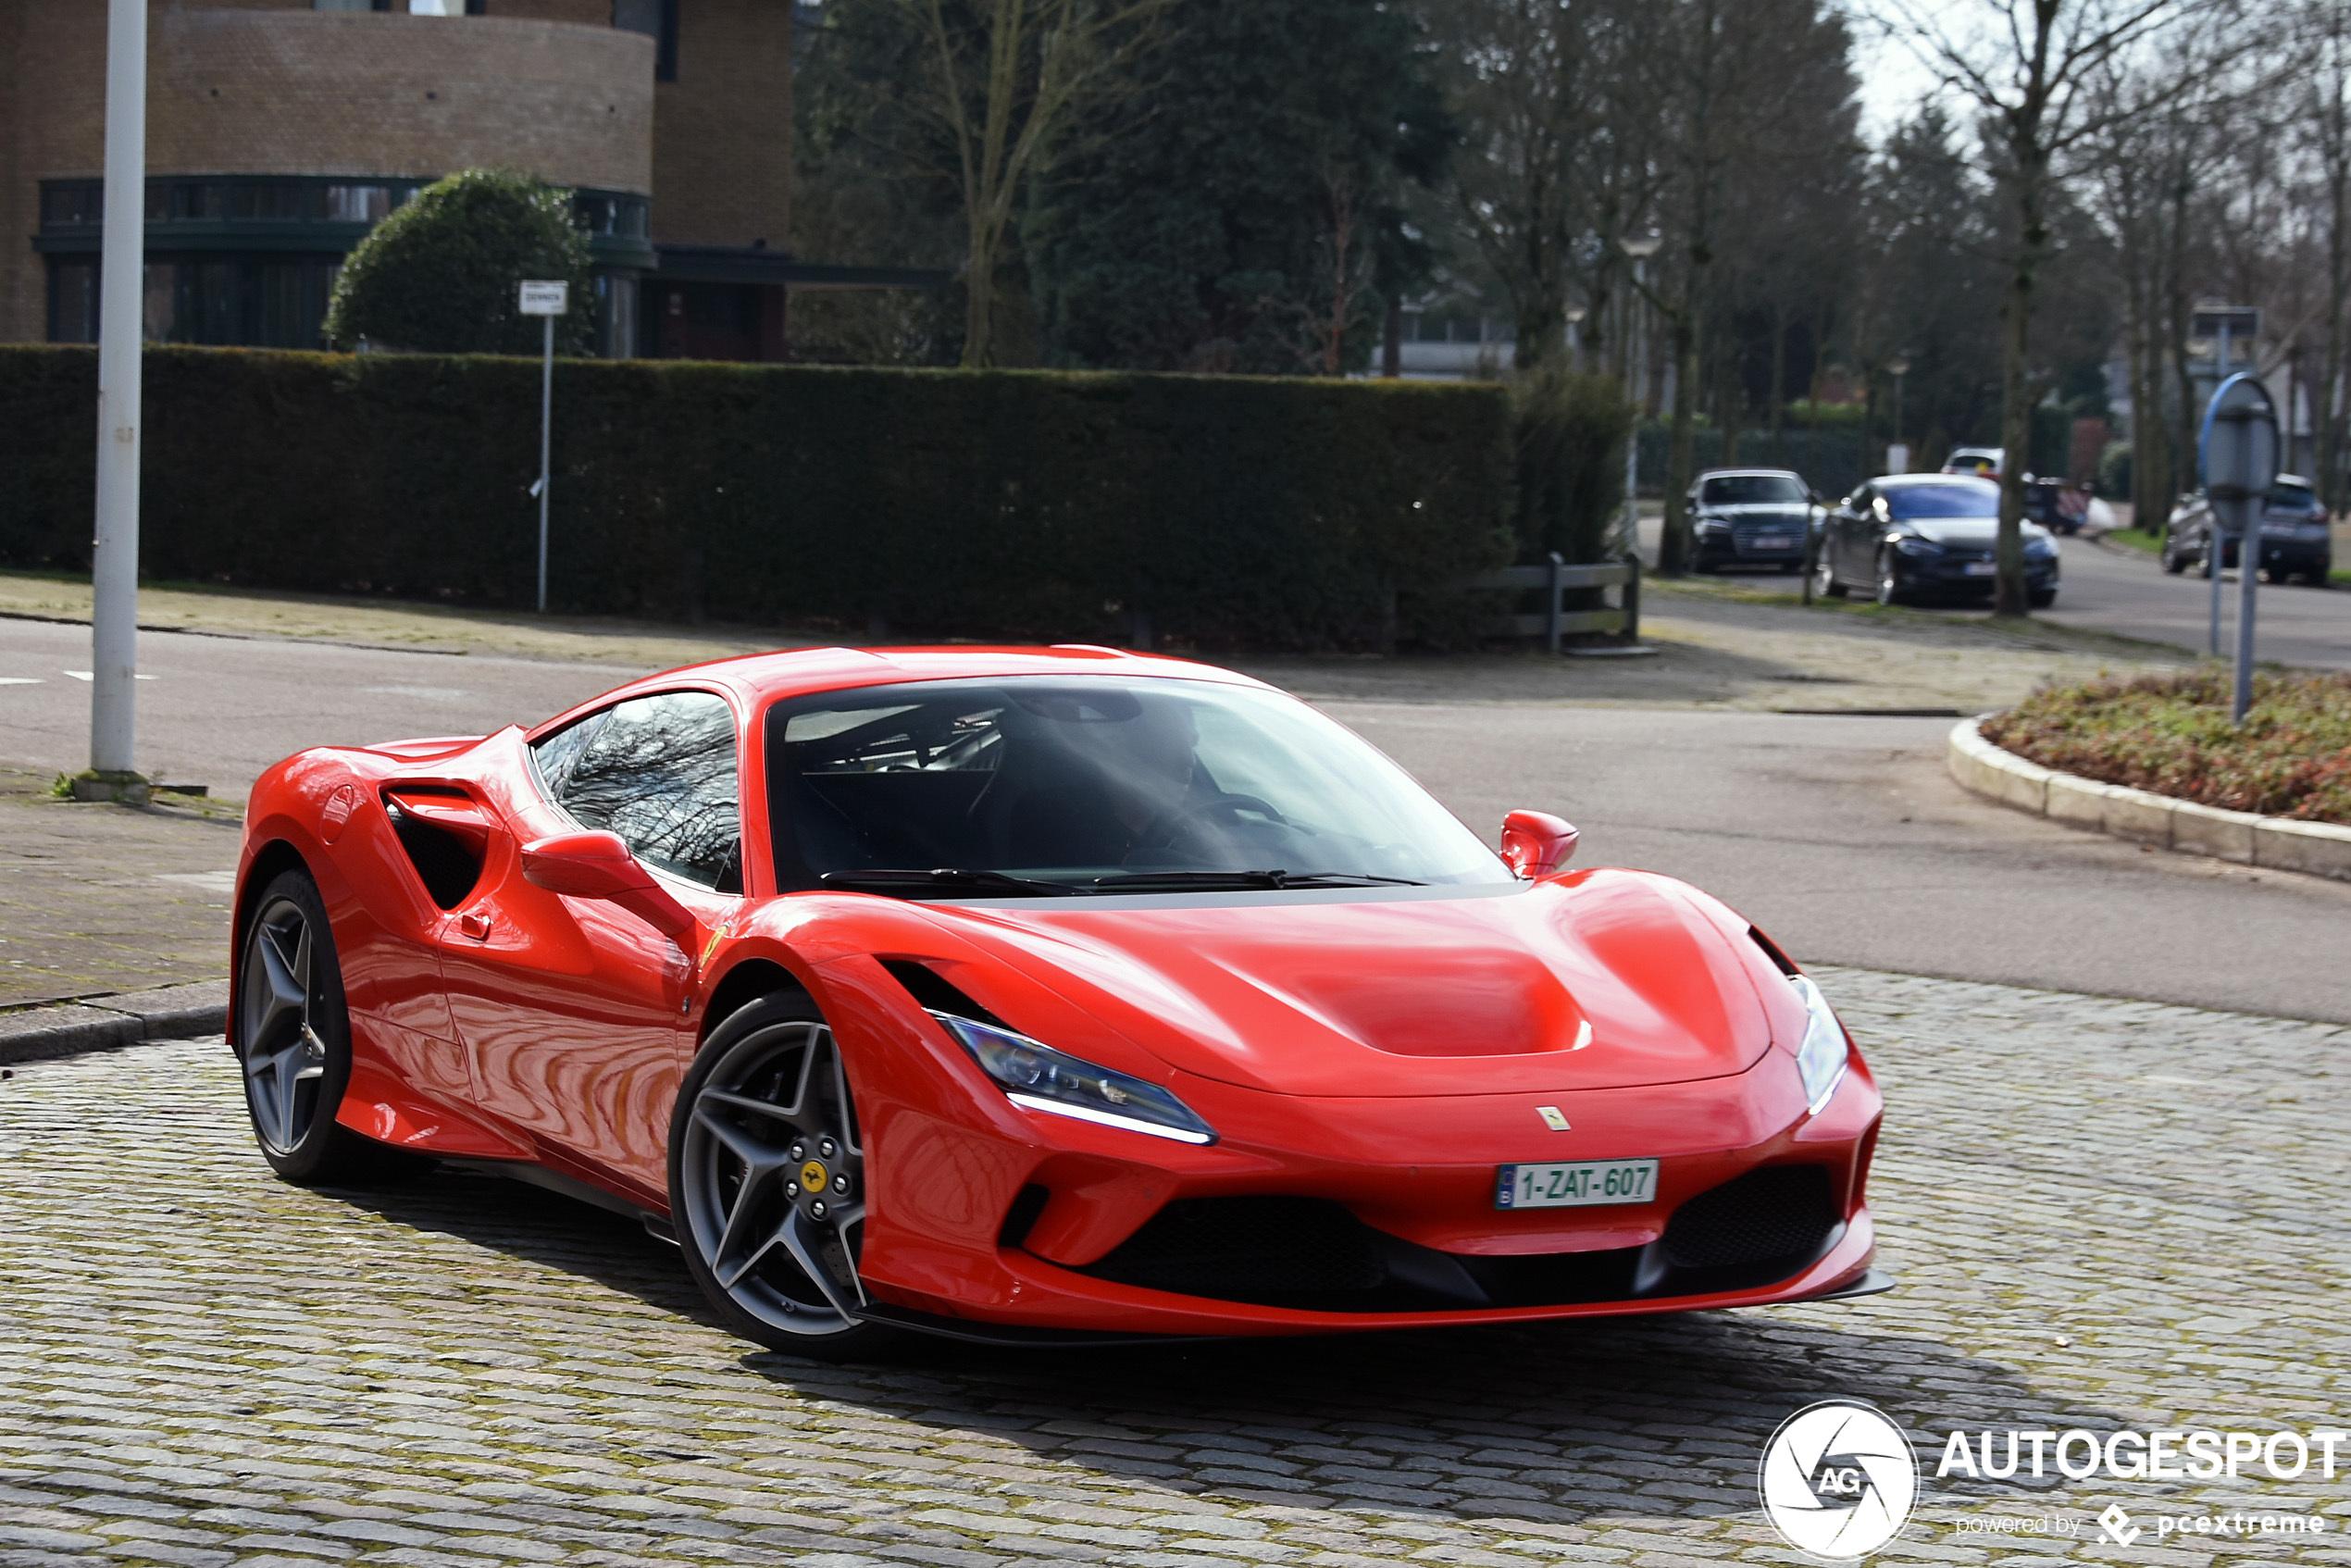 De eerste Ferrari F8 Tributo van België is gespot